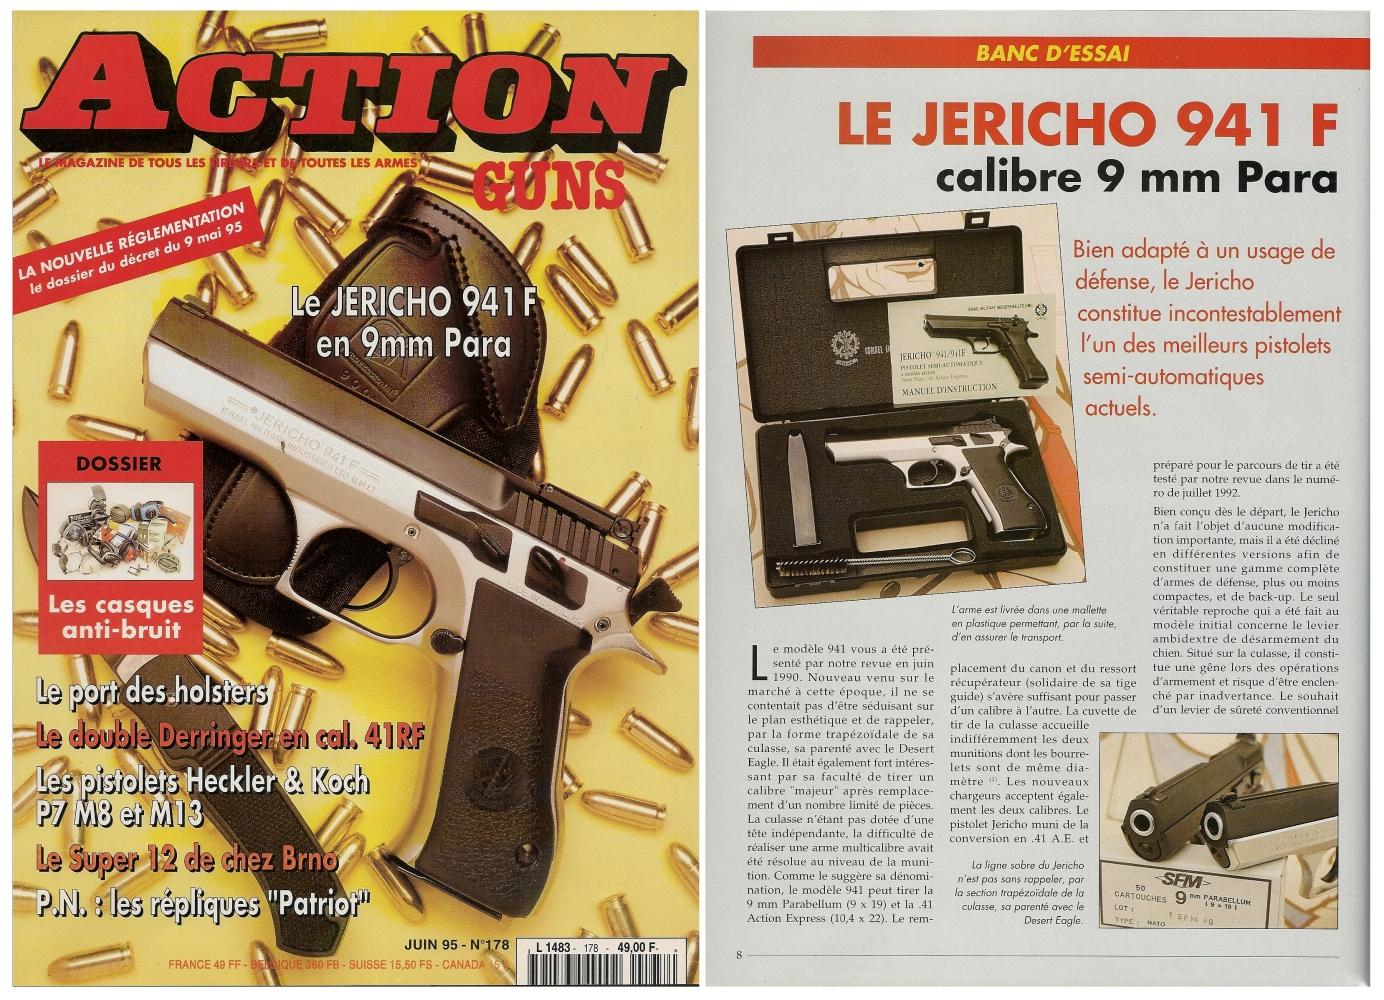 Le banc d'essai du pistolet IMI Jericho 941 F a été publié sur 6 pages dans le magazine Action Guns n° 178 (juin 1995).